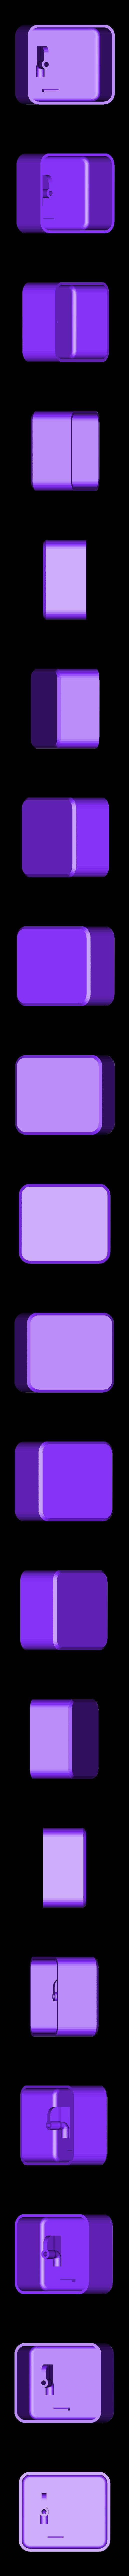 cup.stl Télécharger fichier STL gratuit Robinet magique • Objet pour impression 3D, kimjh